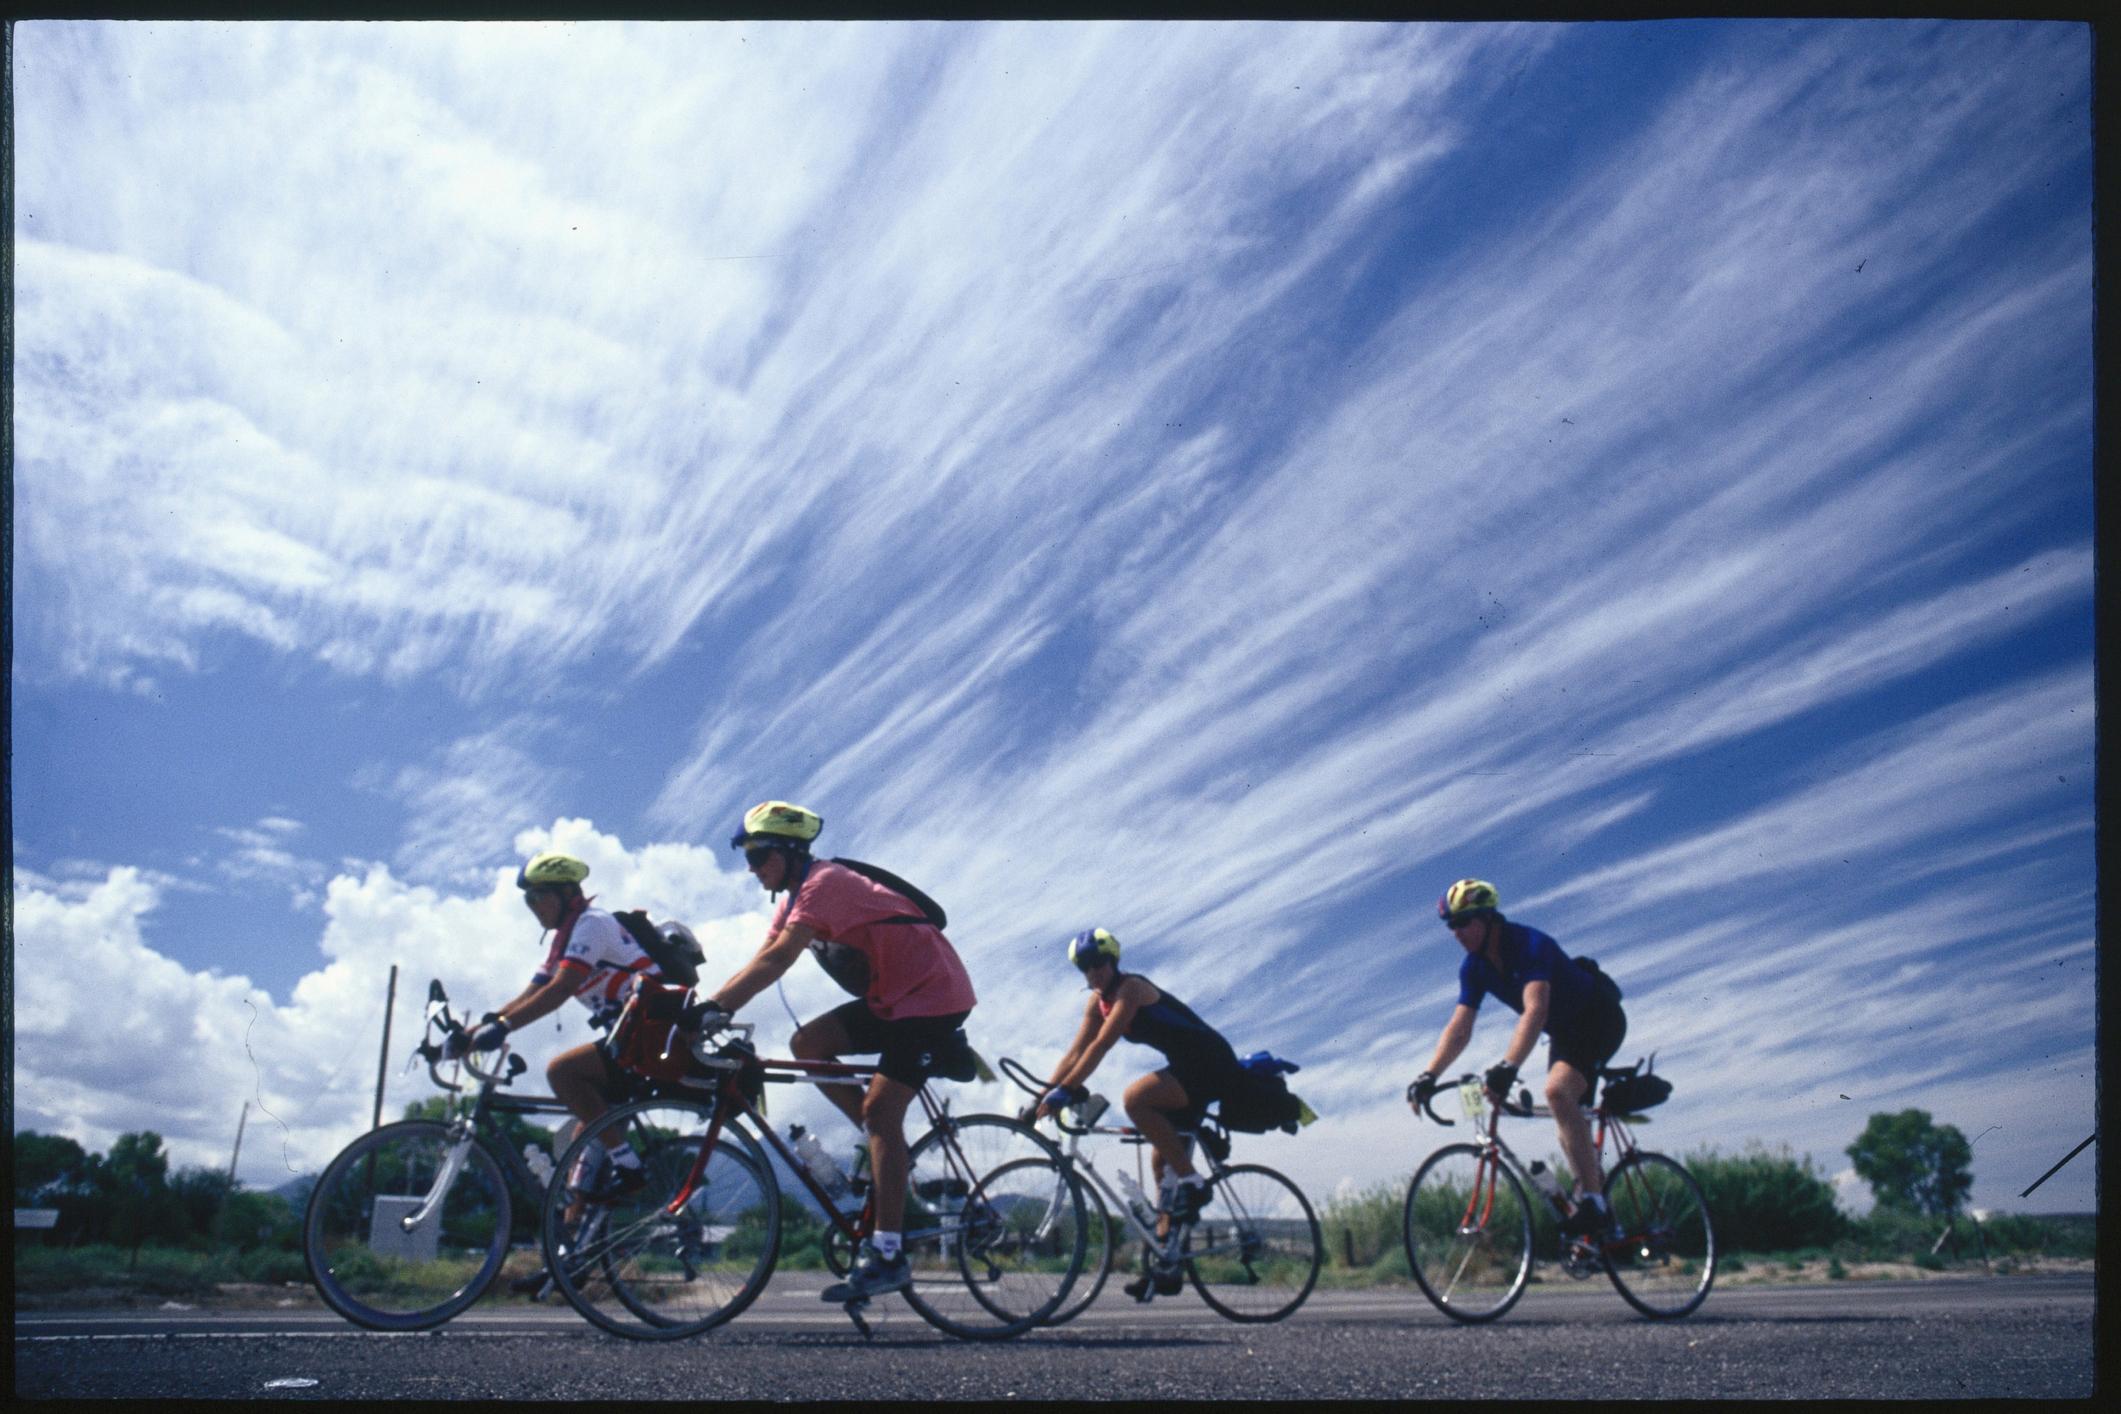 Si tengo ciatica puedo andar en bicicleta